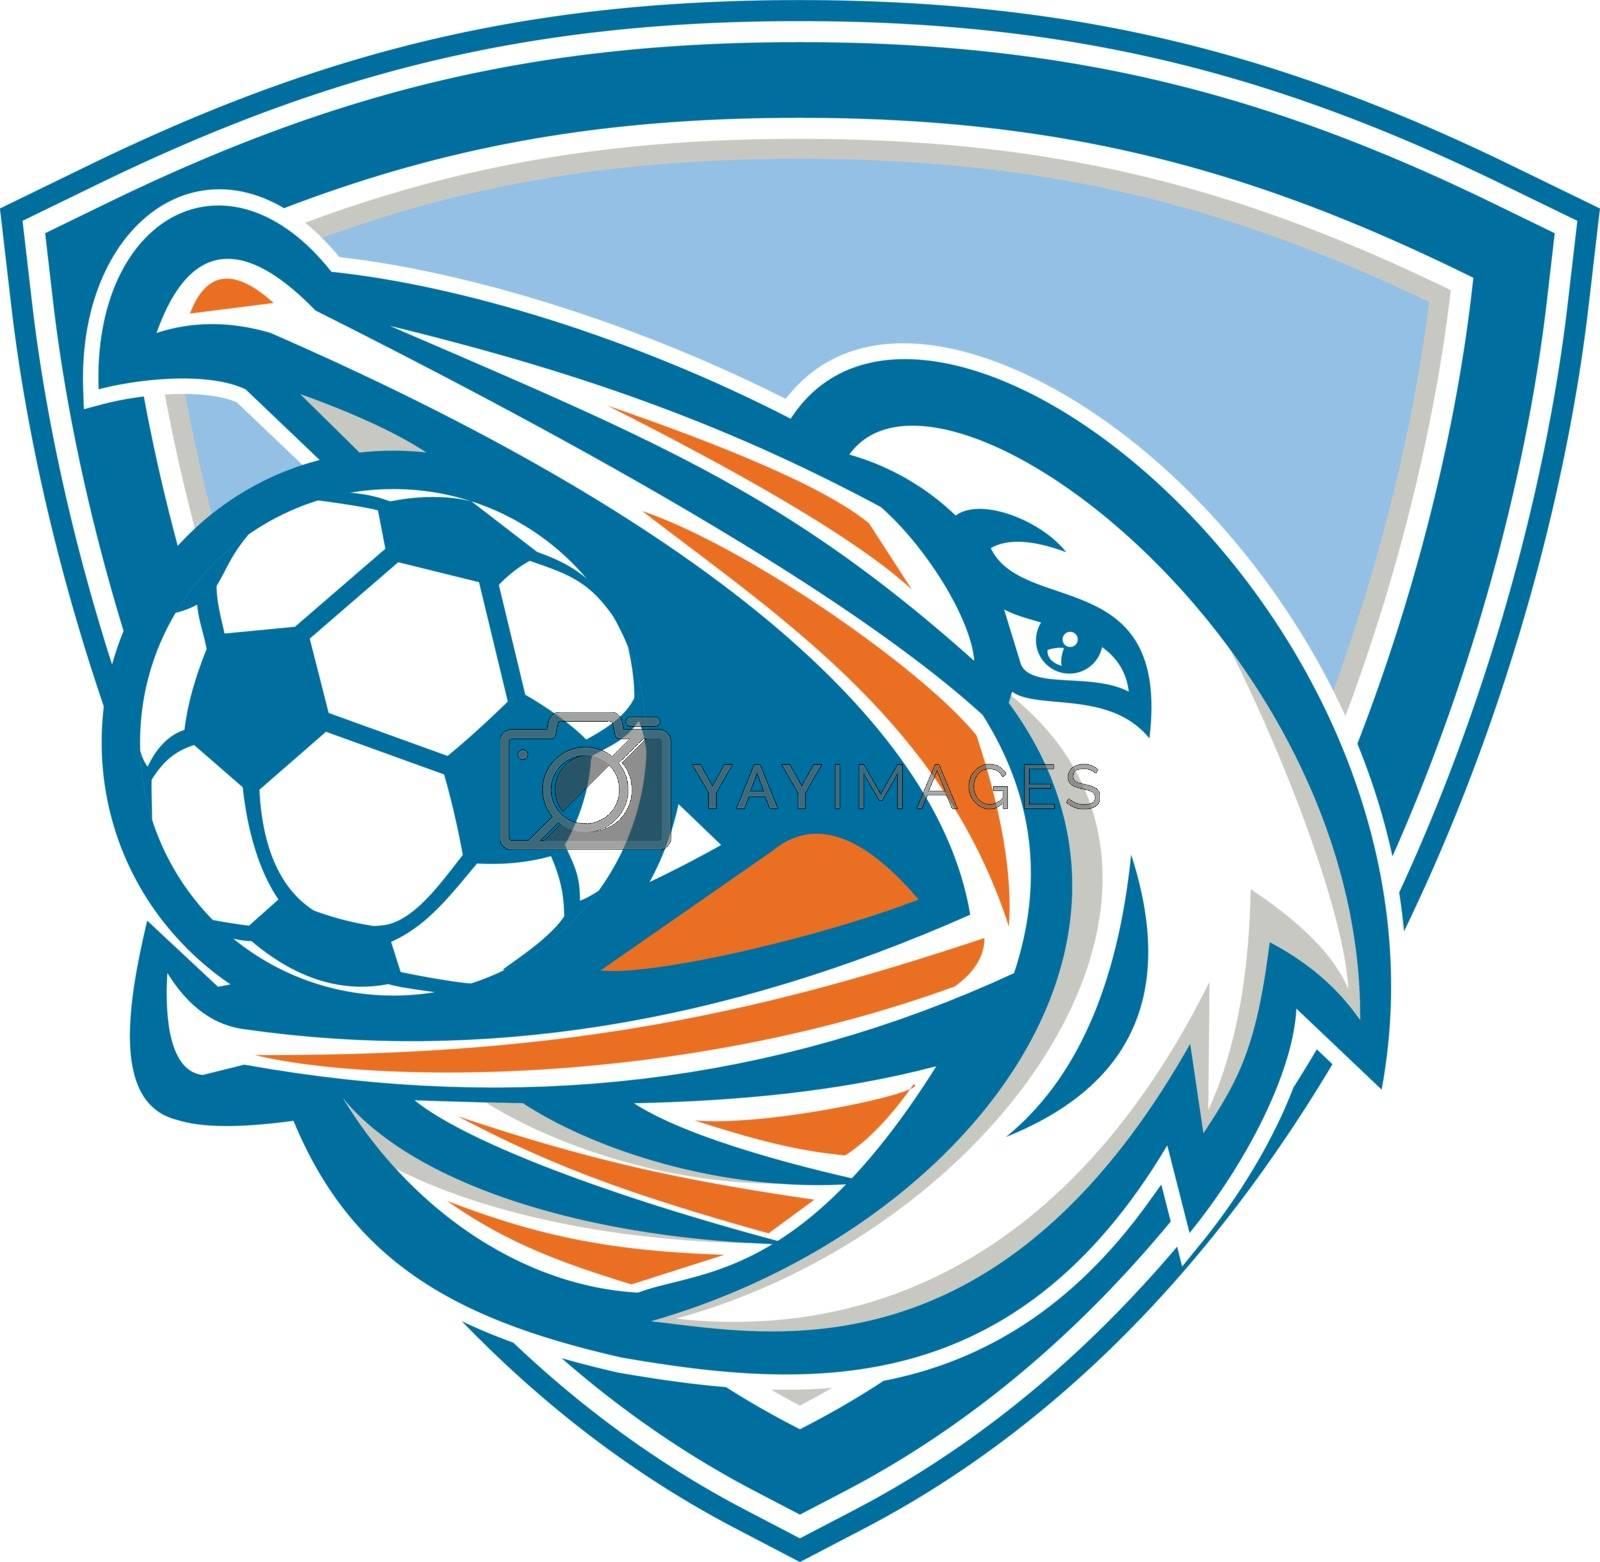 Pelican Soccer Ball In Mouth Shield Retro by patrimonio